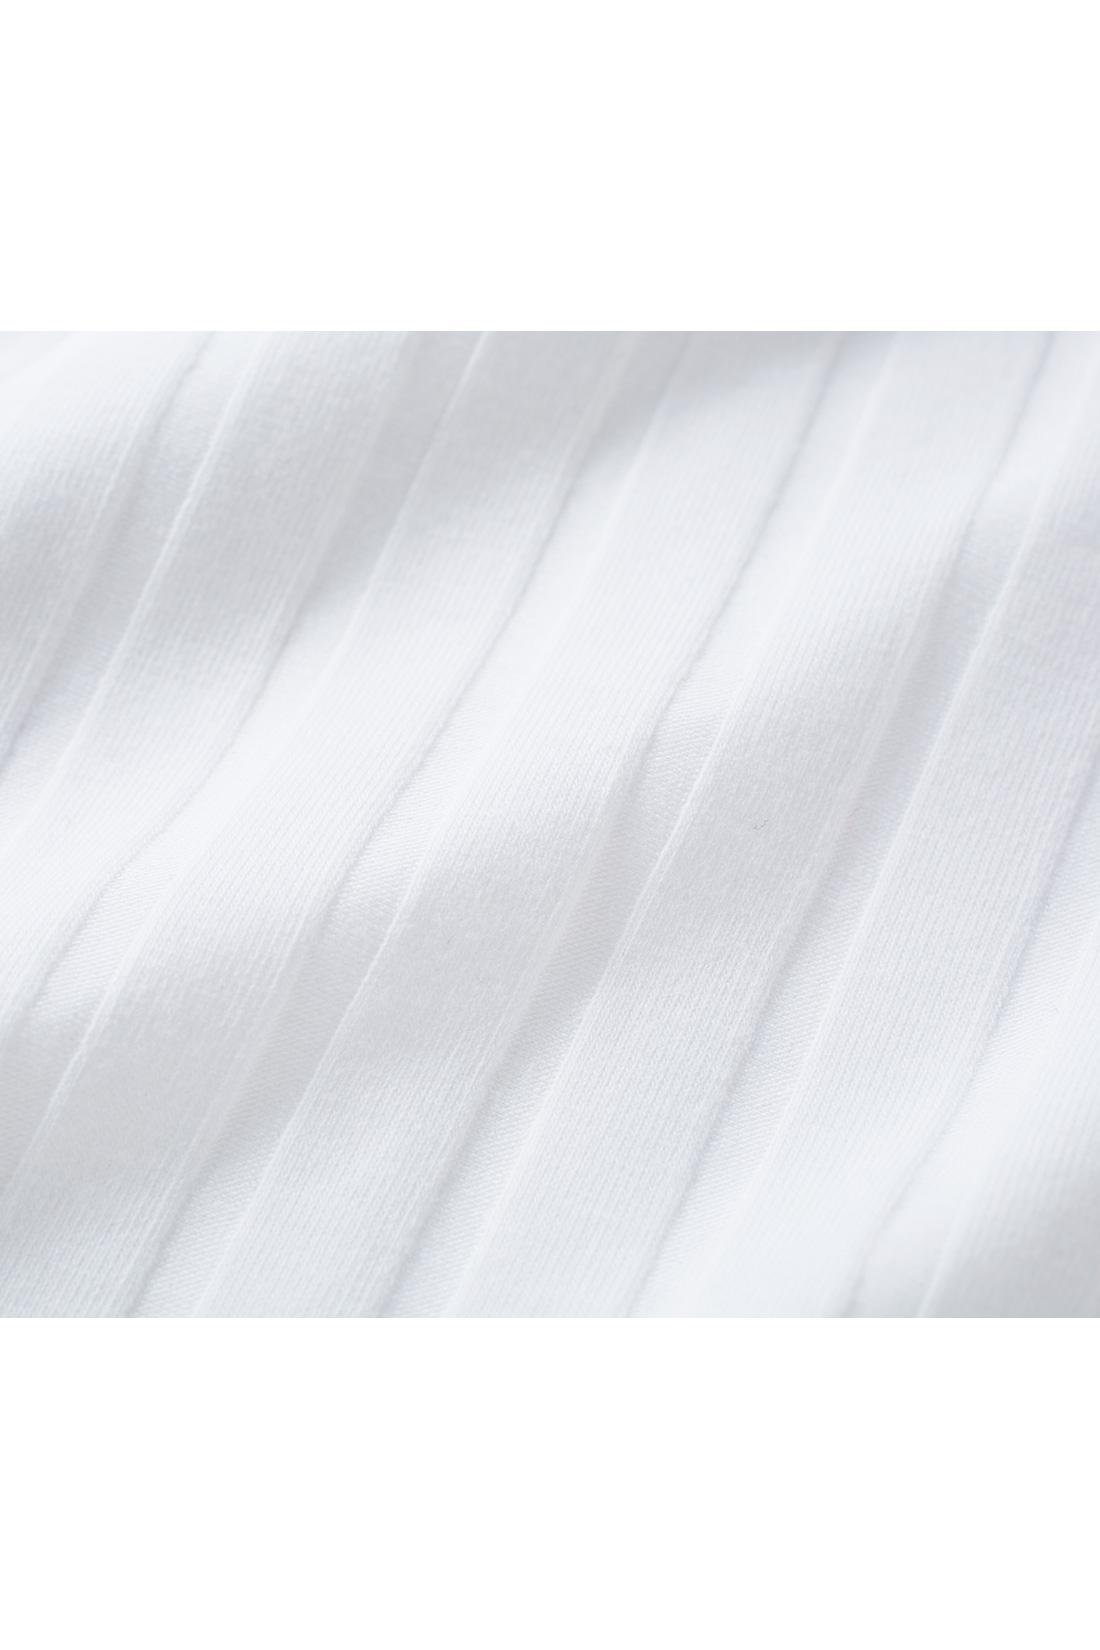 カットソータンクはワイドリブが旬顔。一枚でも使える上品シルエットにこだわりました。※お届けするカラーとは異なります。